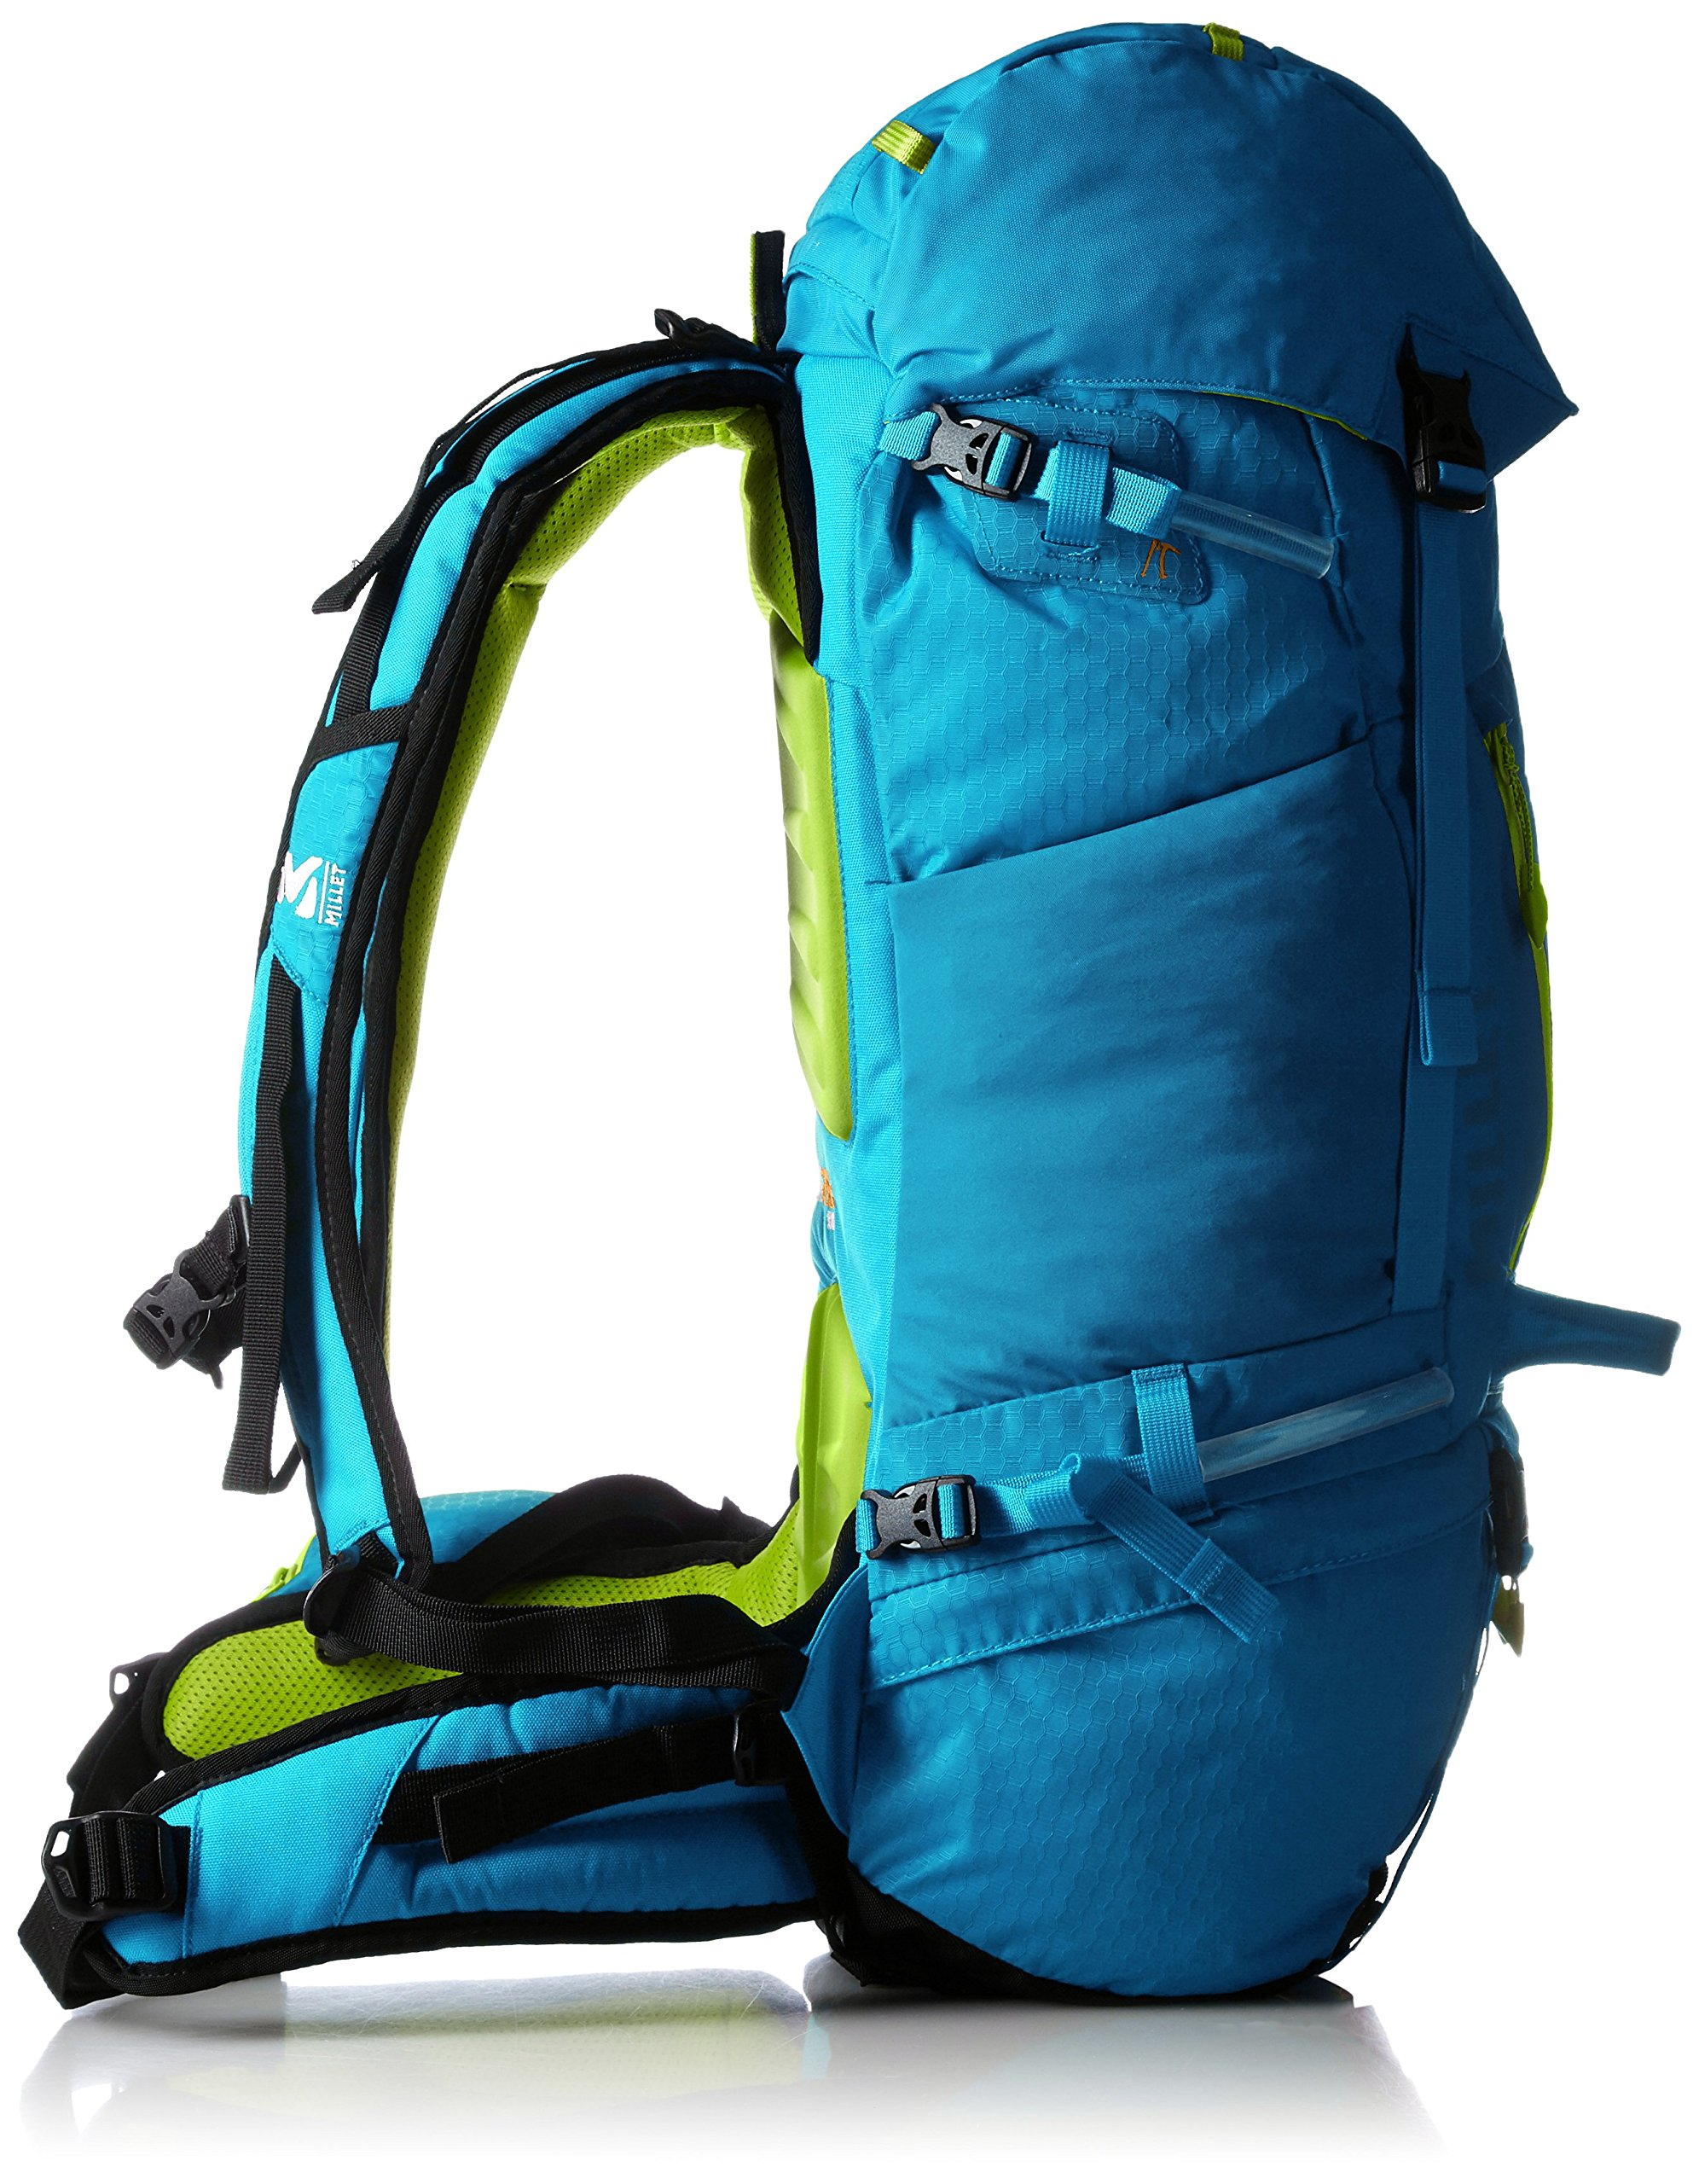 MILLET Rucksack Ubic 30 - Mochila de Senderismo, Color Azul, Talla 59 x 35 x 25 cm: Amazon.es: Deportes y aire libre